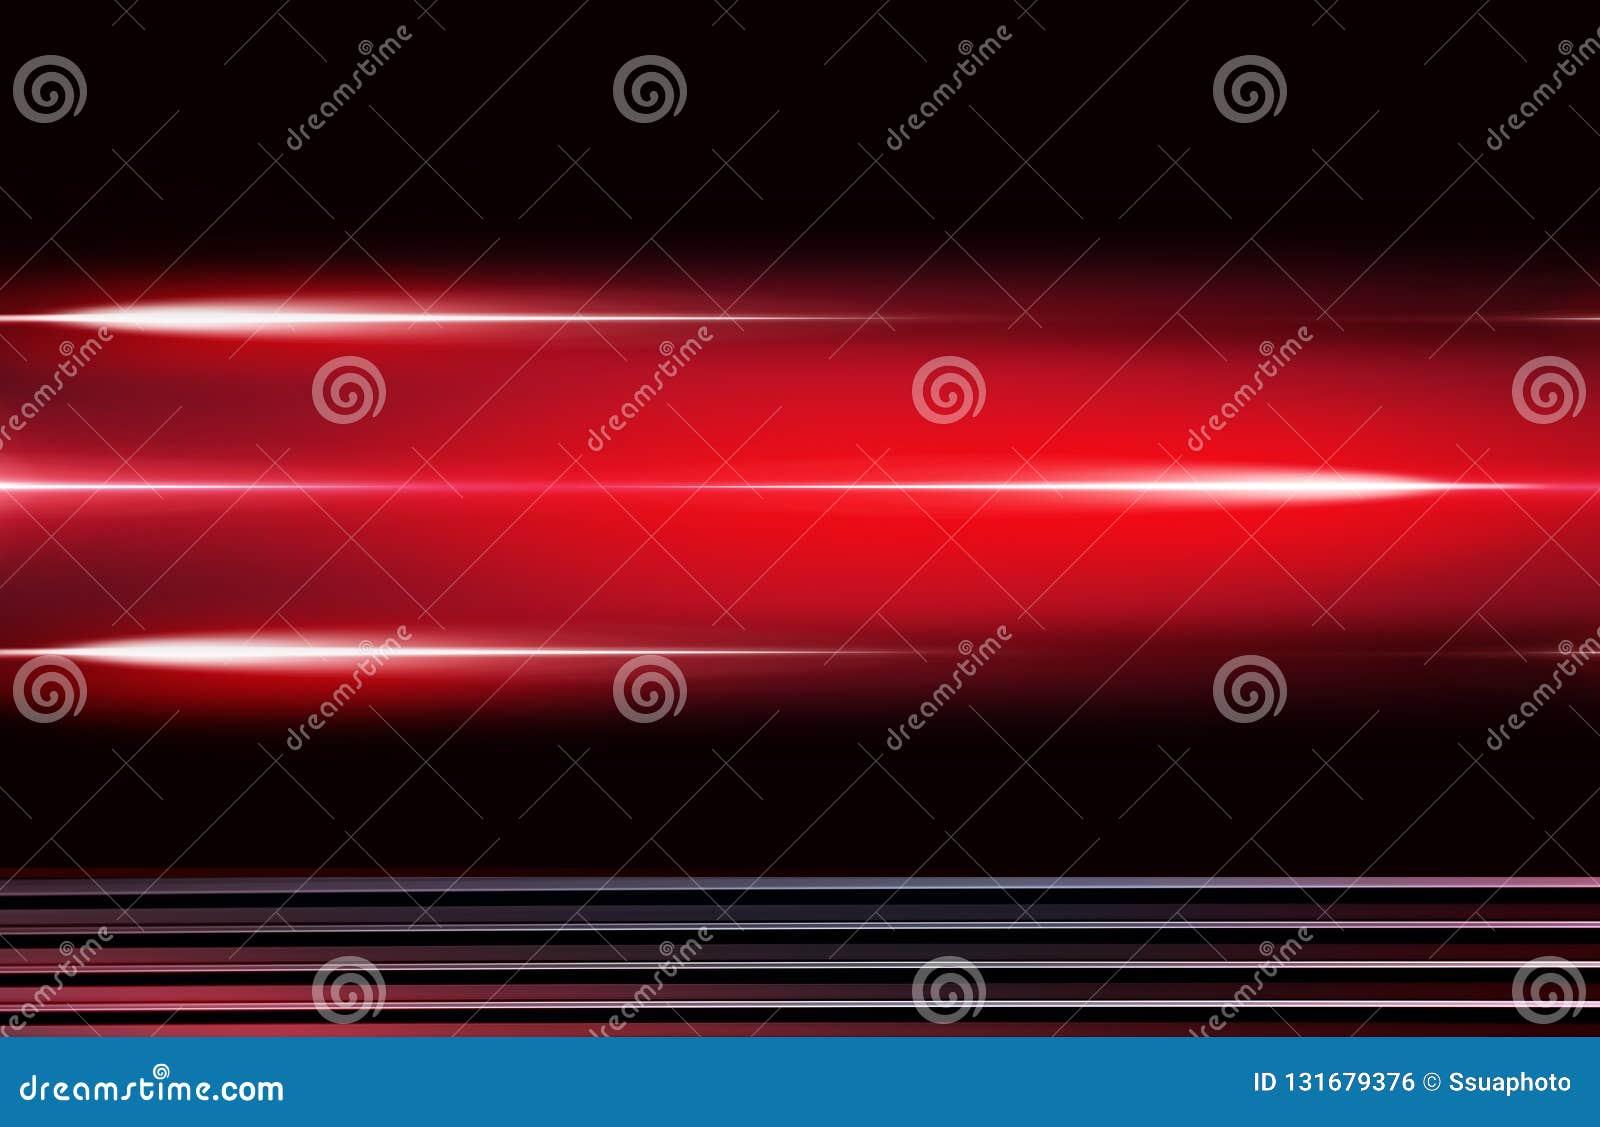 Дизайн с красными неоновыми элементами